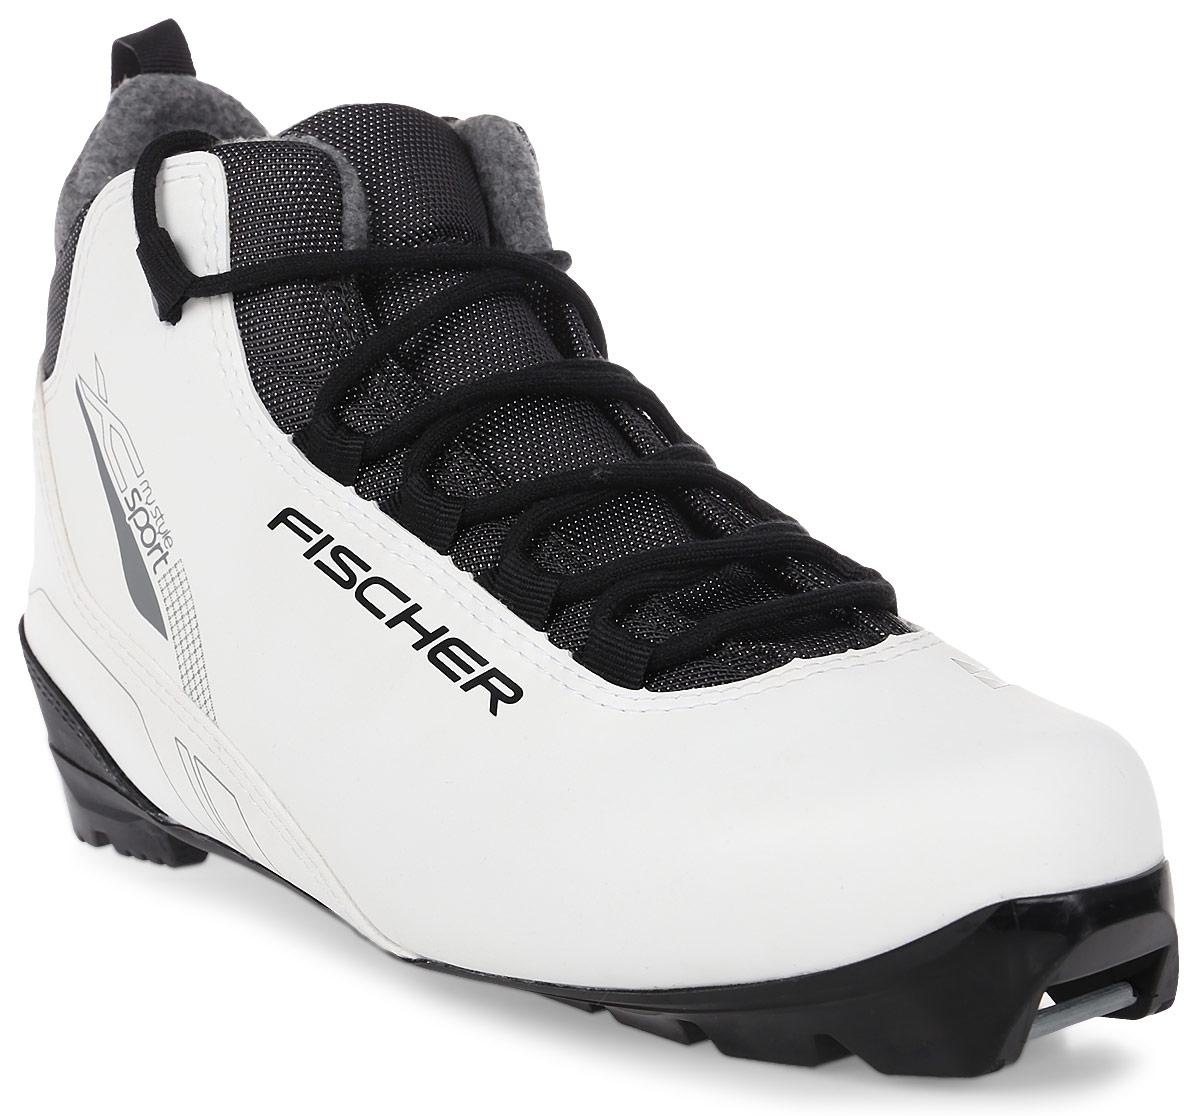 """Fischer """"XC Sport My Style"""" - это отличная модель для лыжных прогулок. Женская анатомическая колодка, подошва Soft и более тонкая стелька обеспечивают комфорт и придают необходимую гибкость подошве. Технологии: Internal Molded Heel  Cap - внутренняя пластиковая вставка анатомической формы в пяточной части. Очень легкая и термоформируемая. Easy Entry Loops - широкое раскрытие ботинка и практичная петля на пятке облегчают надевание/снимание ботинок. Cleansport NXT- специальная пропитка подкладки и стелек ботинок. Система из полезных микробов, которые устраняют неприятный запах. T3 - полиуретановая подошва с хорошей гибкостью, устойчивая к износу при ходьбе. Также используется в детских ботинках. Ladies Fit Concept - для женской целевой группы разработан свой тип колодки, который обеспечивает наилучший комфорт при катании и максимальную передачу энергии."""